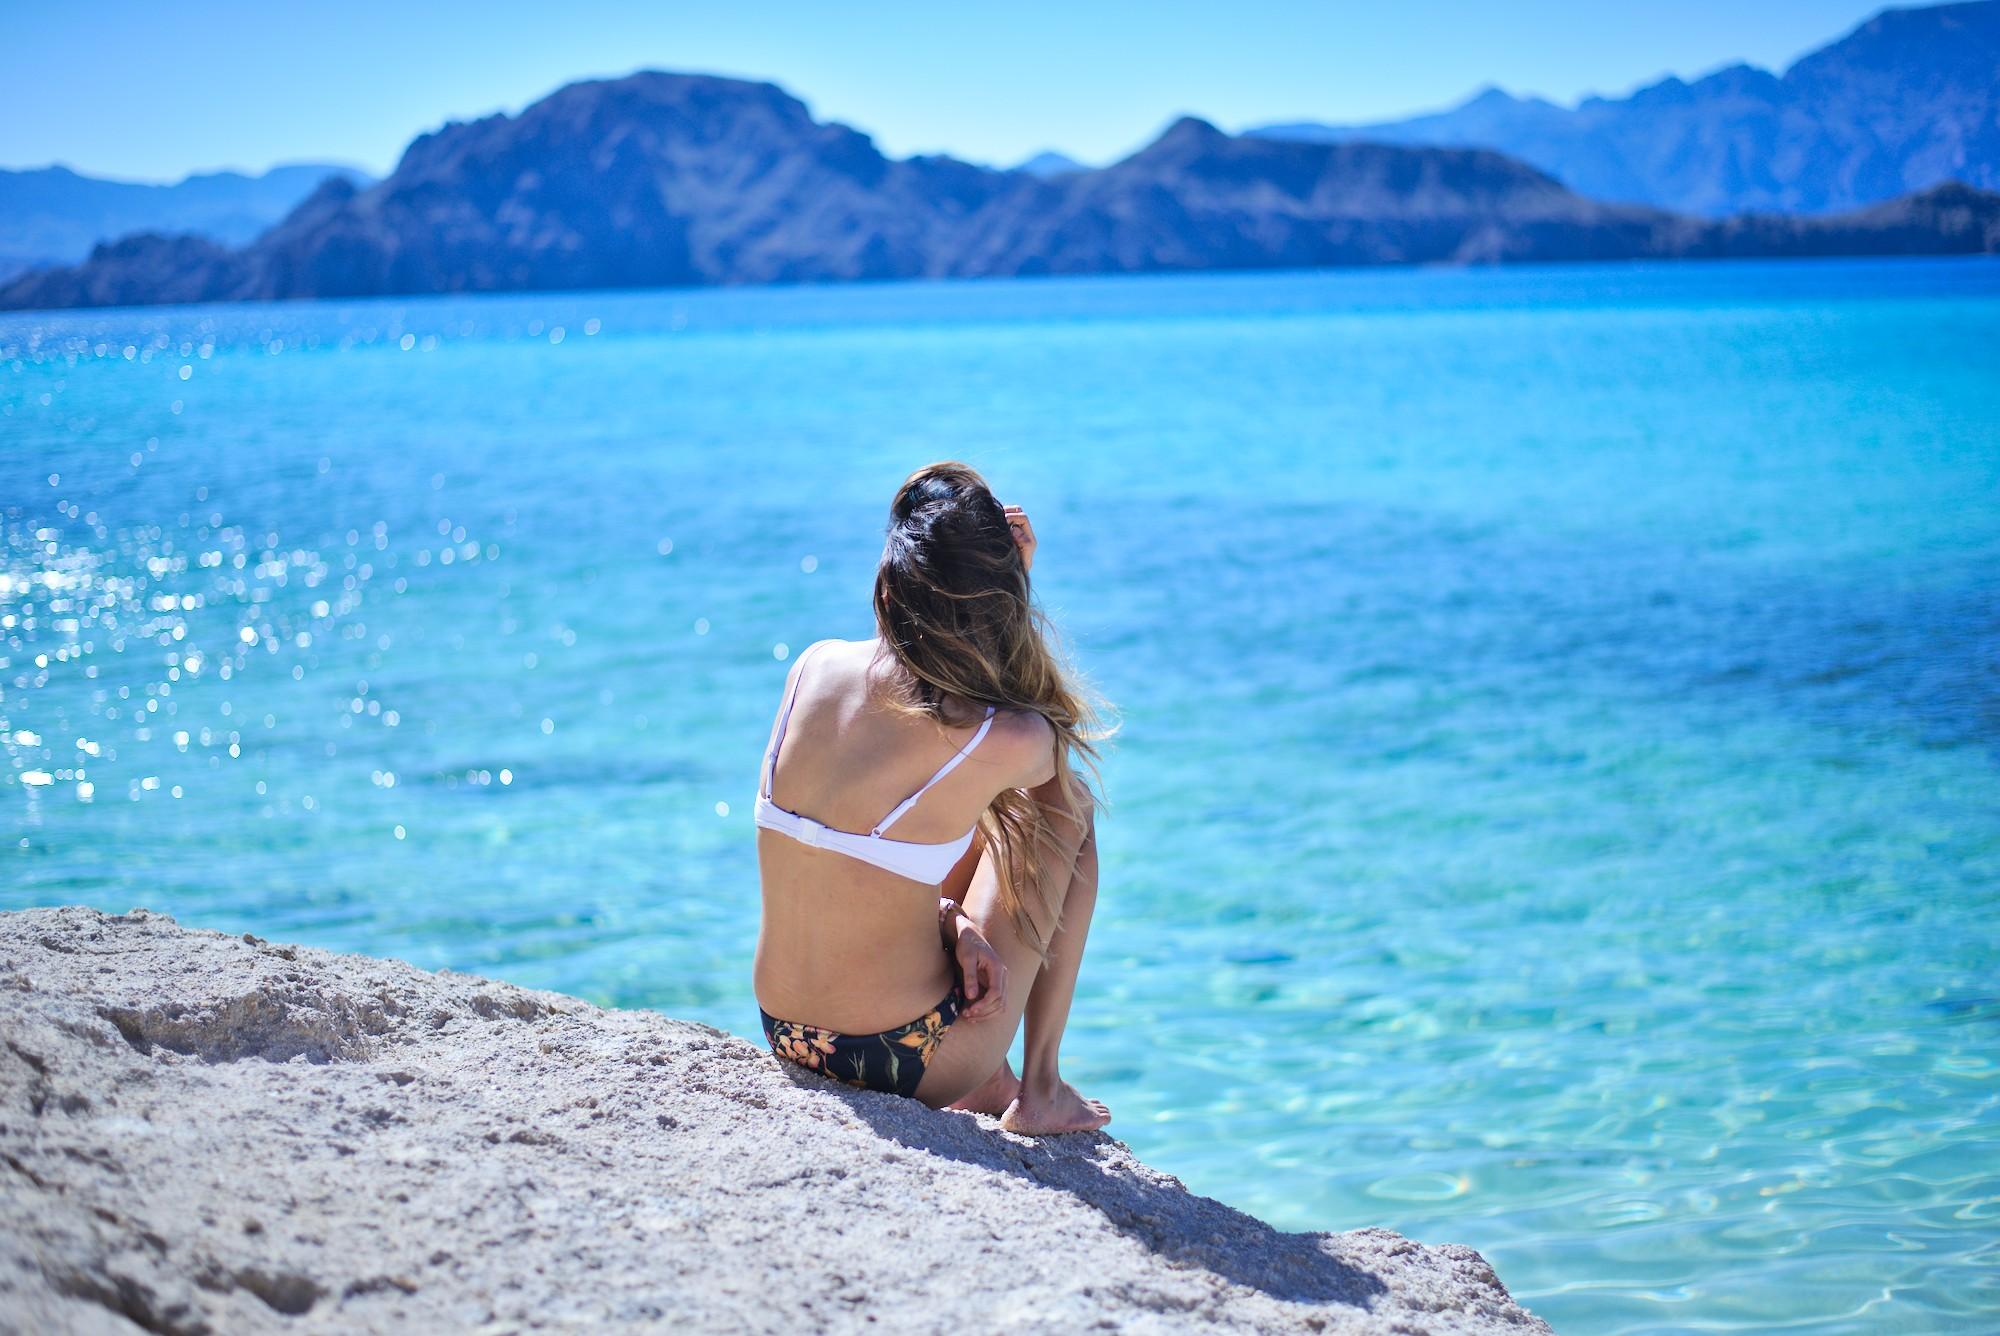 cuppajyo-sanfrancisco-fashion-lifestyle-blogger-villa-del-palmar-islands-of-loreto-mexico-isla-del-c